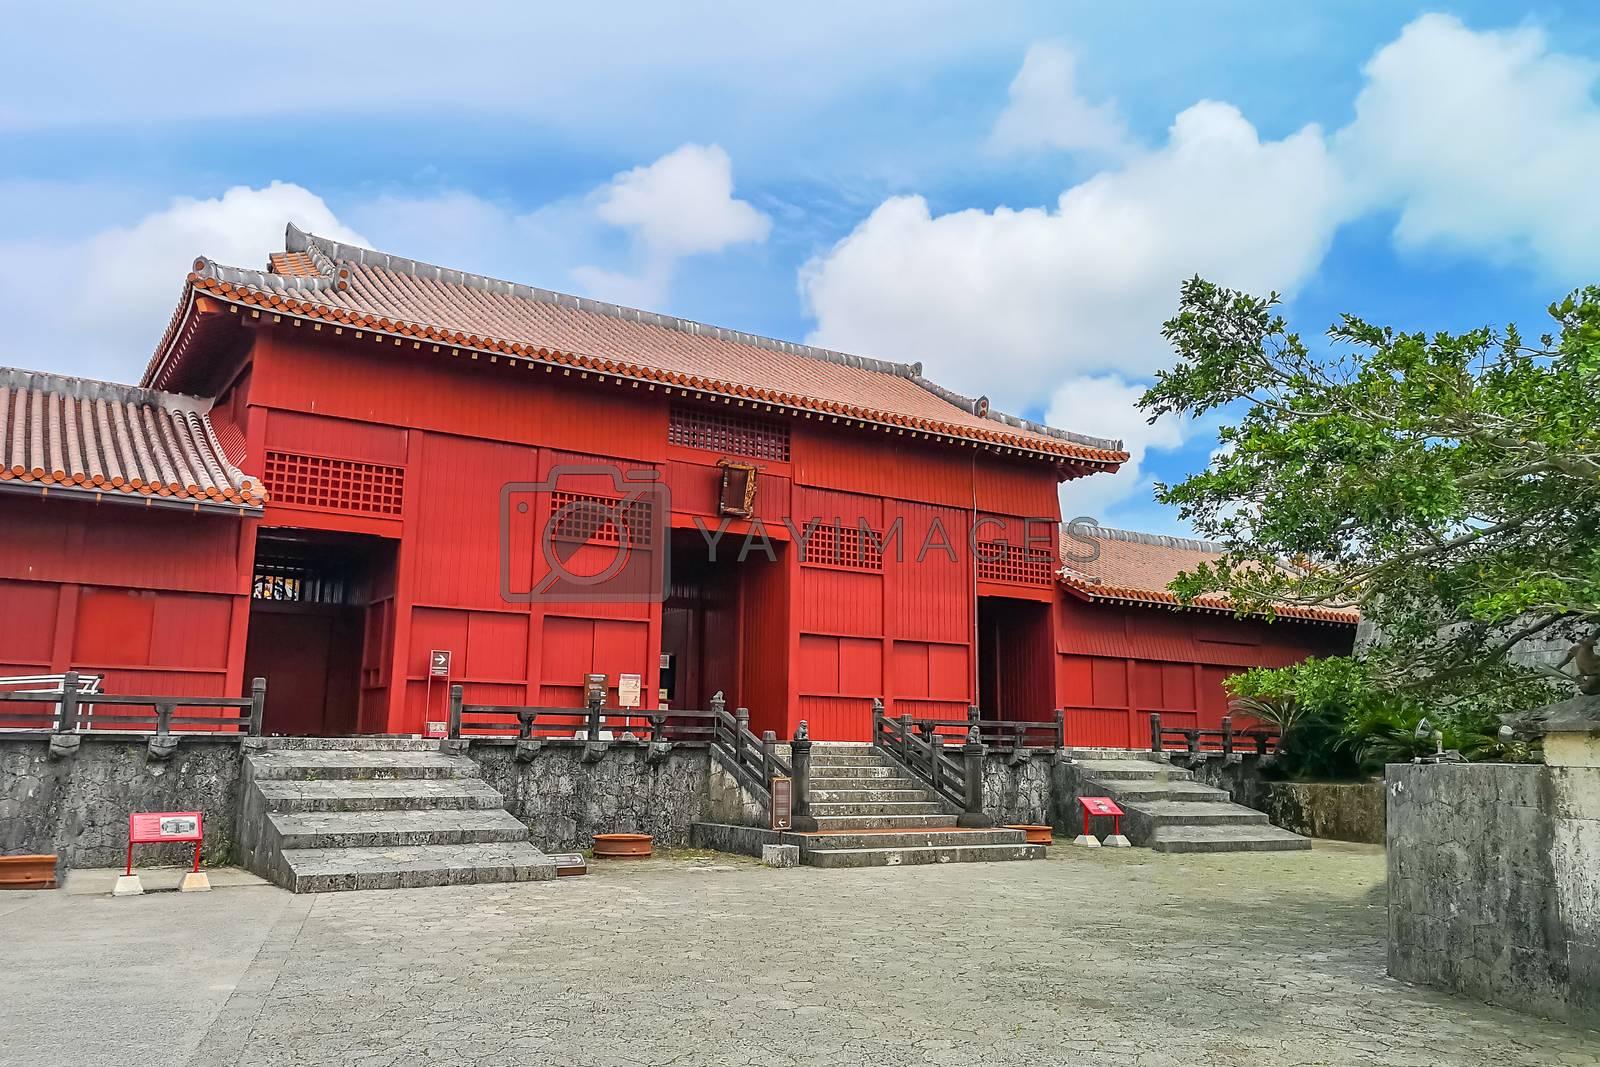 Main entrance gate of Shuri (Shurijo) Castle in Okinawa